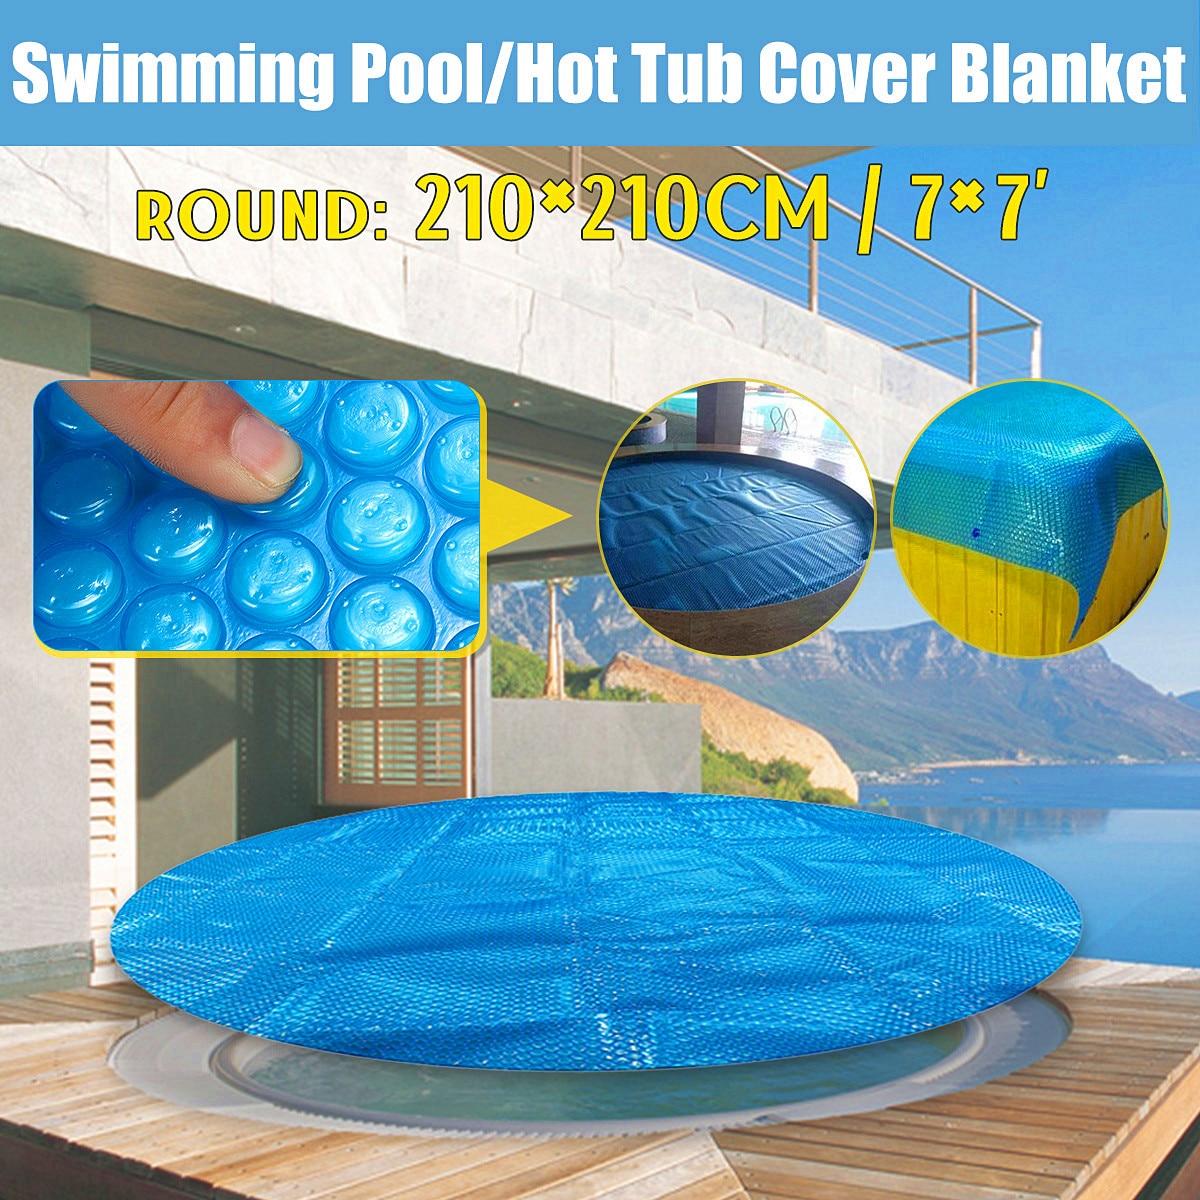 7 'spa rond famille piscine piscine bain à remous piscine couverture 400 m solaire bulle thermique couverture